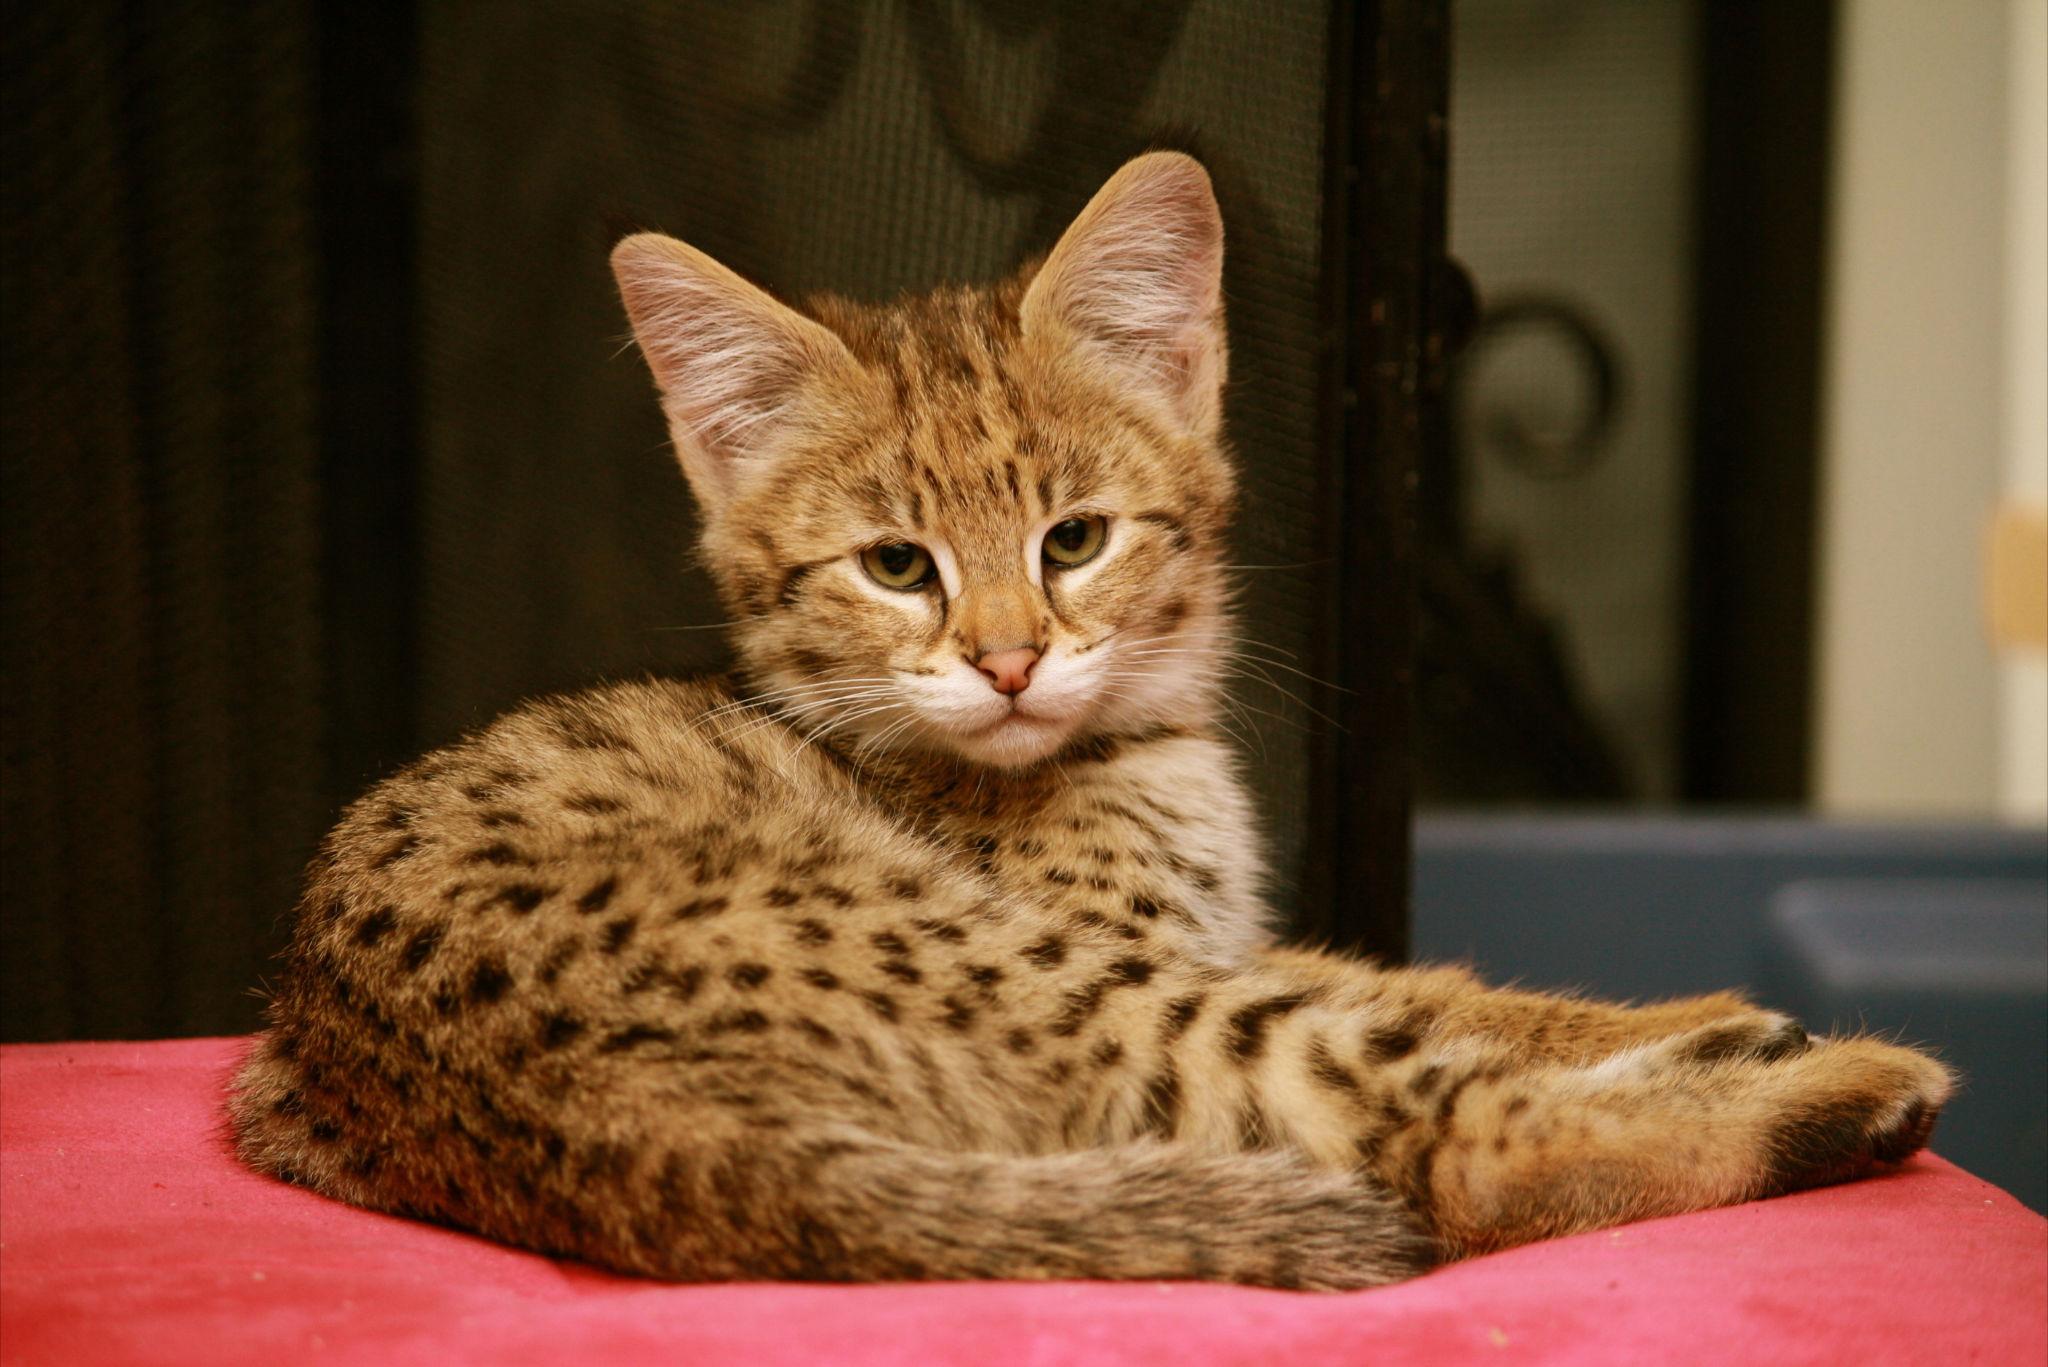 твой покажи фотографии кошек и сколько они стоят люмьер проходит выставка